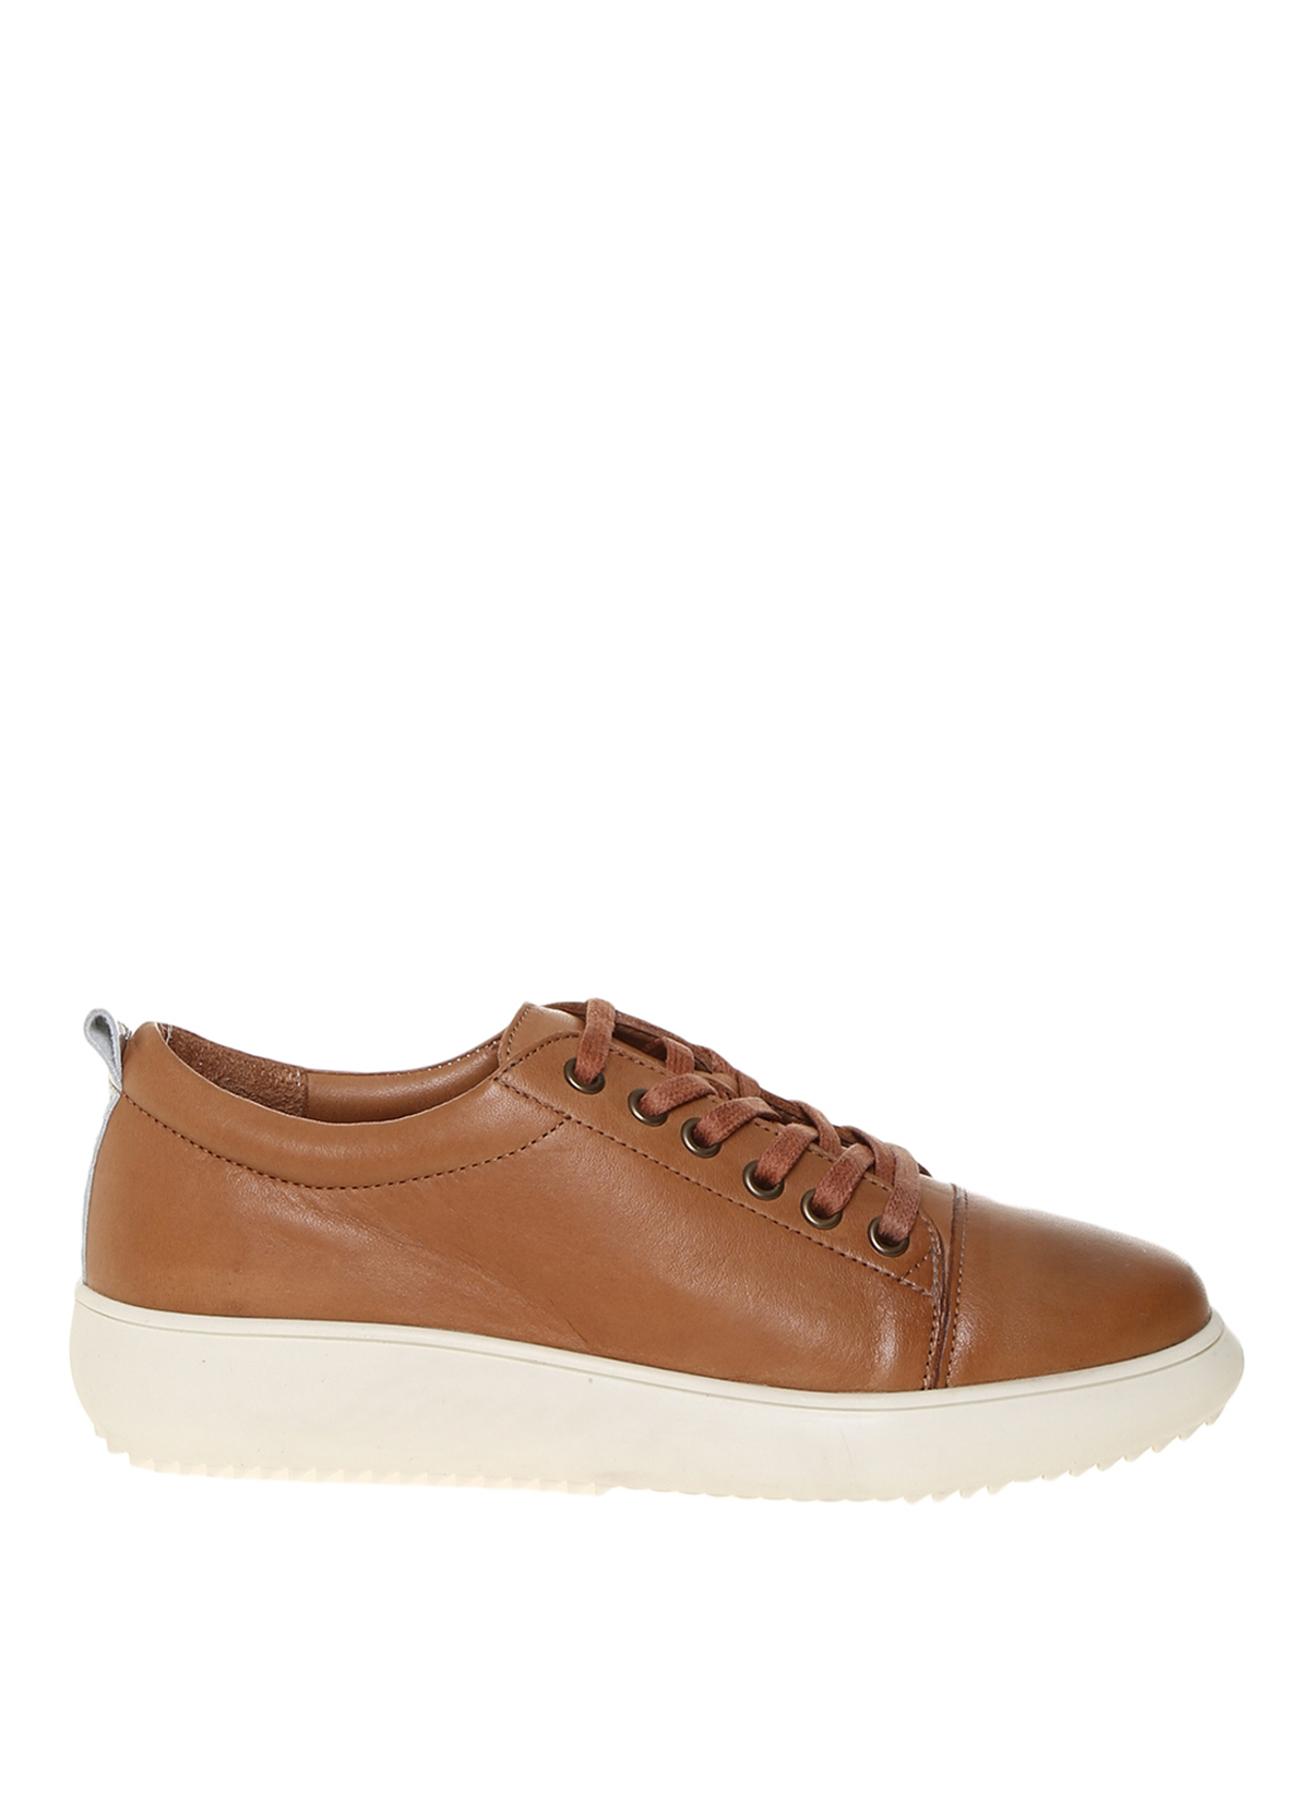 Penford Kadın Deri Taba Düz Ayakkabı 36 5001909803001 Ürün Resmi